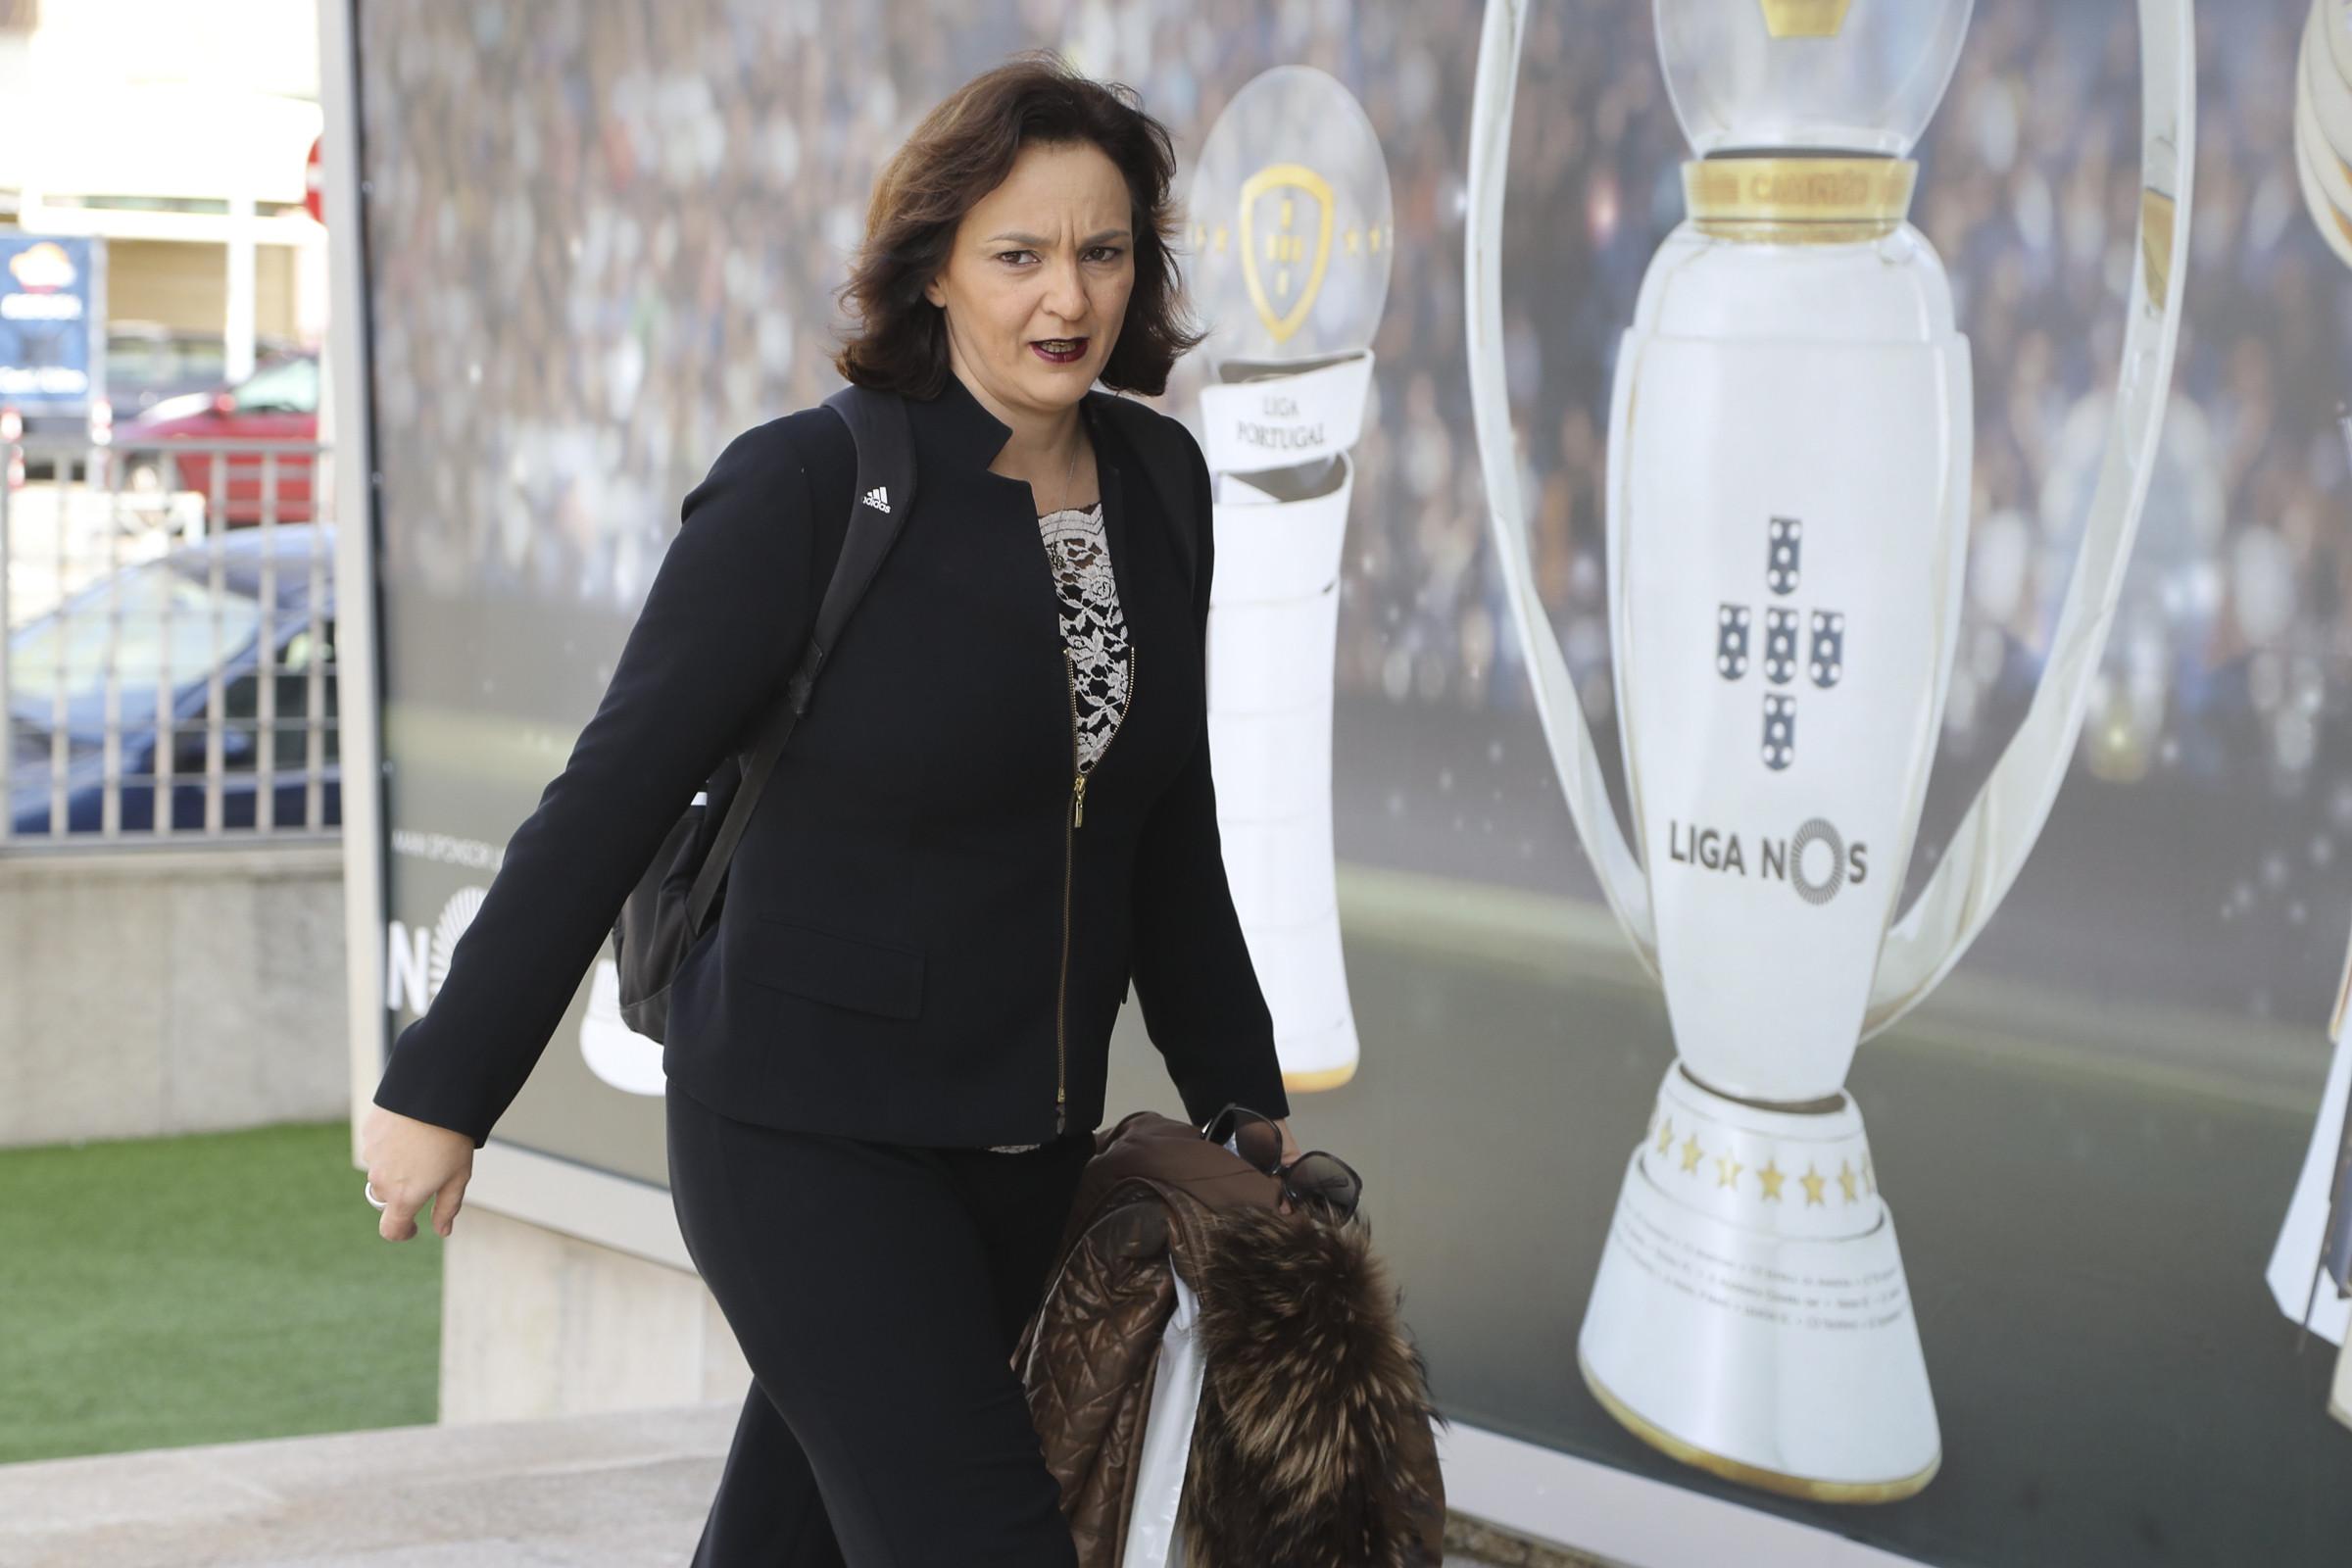 Dirigente da Liga despedida por suspeitas de divulgar contratos